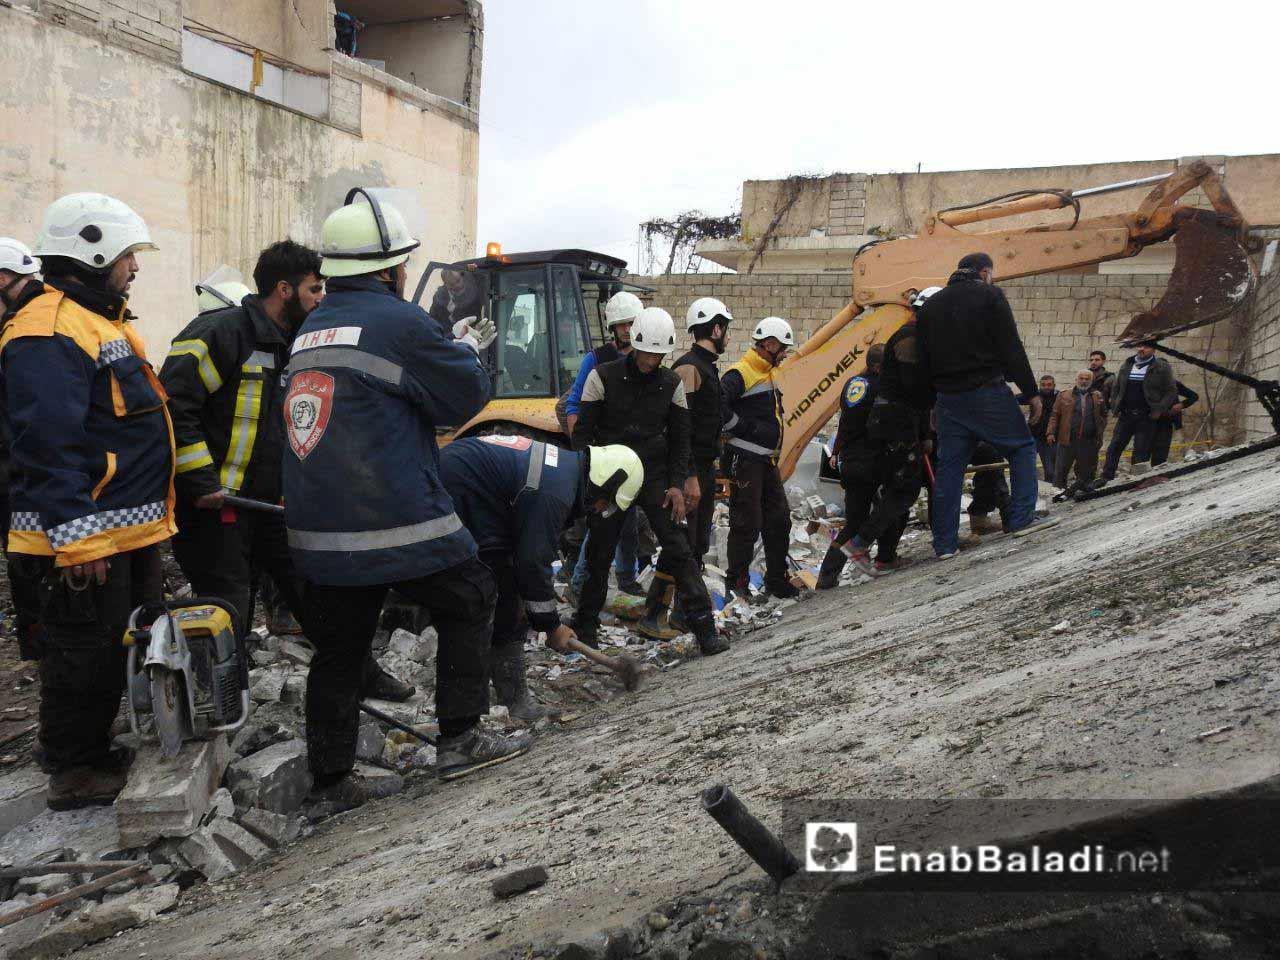 انفجار سيارة مفخخة بين مراكز صحية بمدينة اعزاز شمالي حلب 12 كانون الأول 2018 (عنب بلدي)